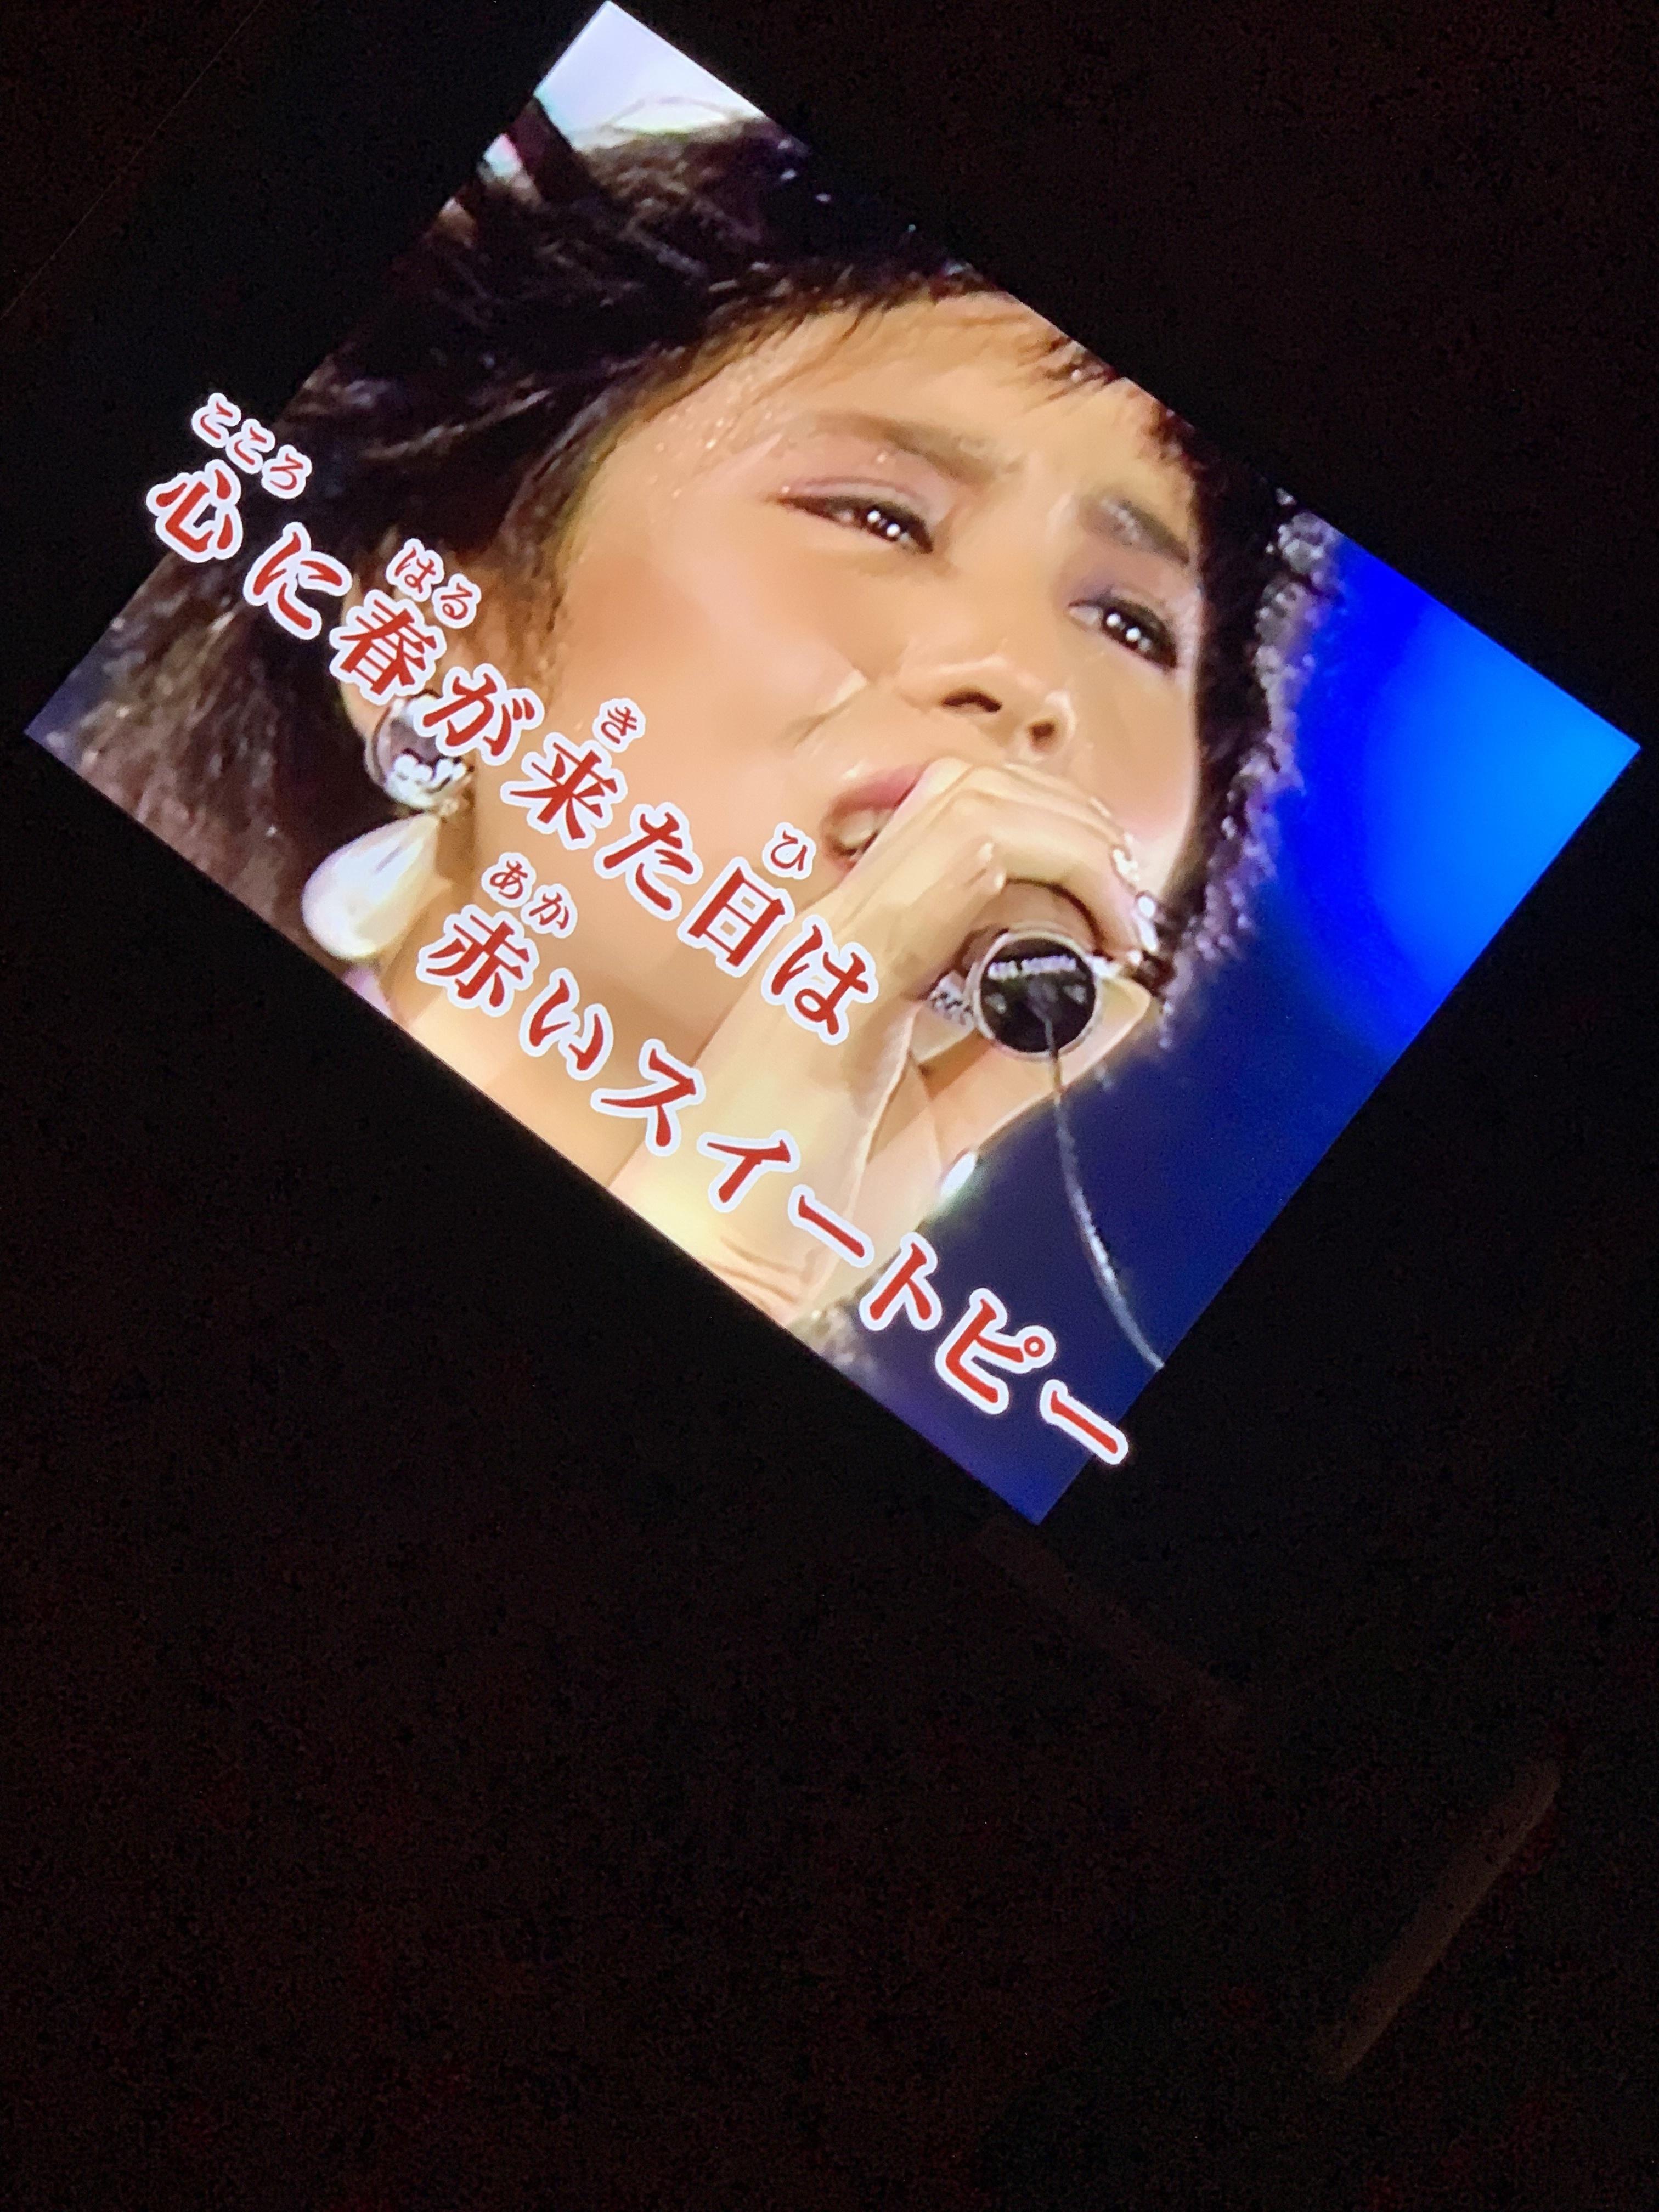 「赤いスイートピー」12/15(12/15) 15:52 | ちぃの写メ・風俗動画